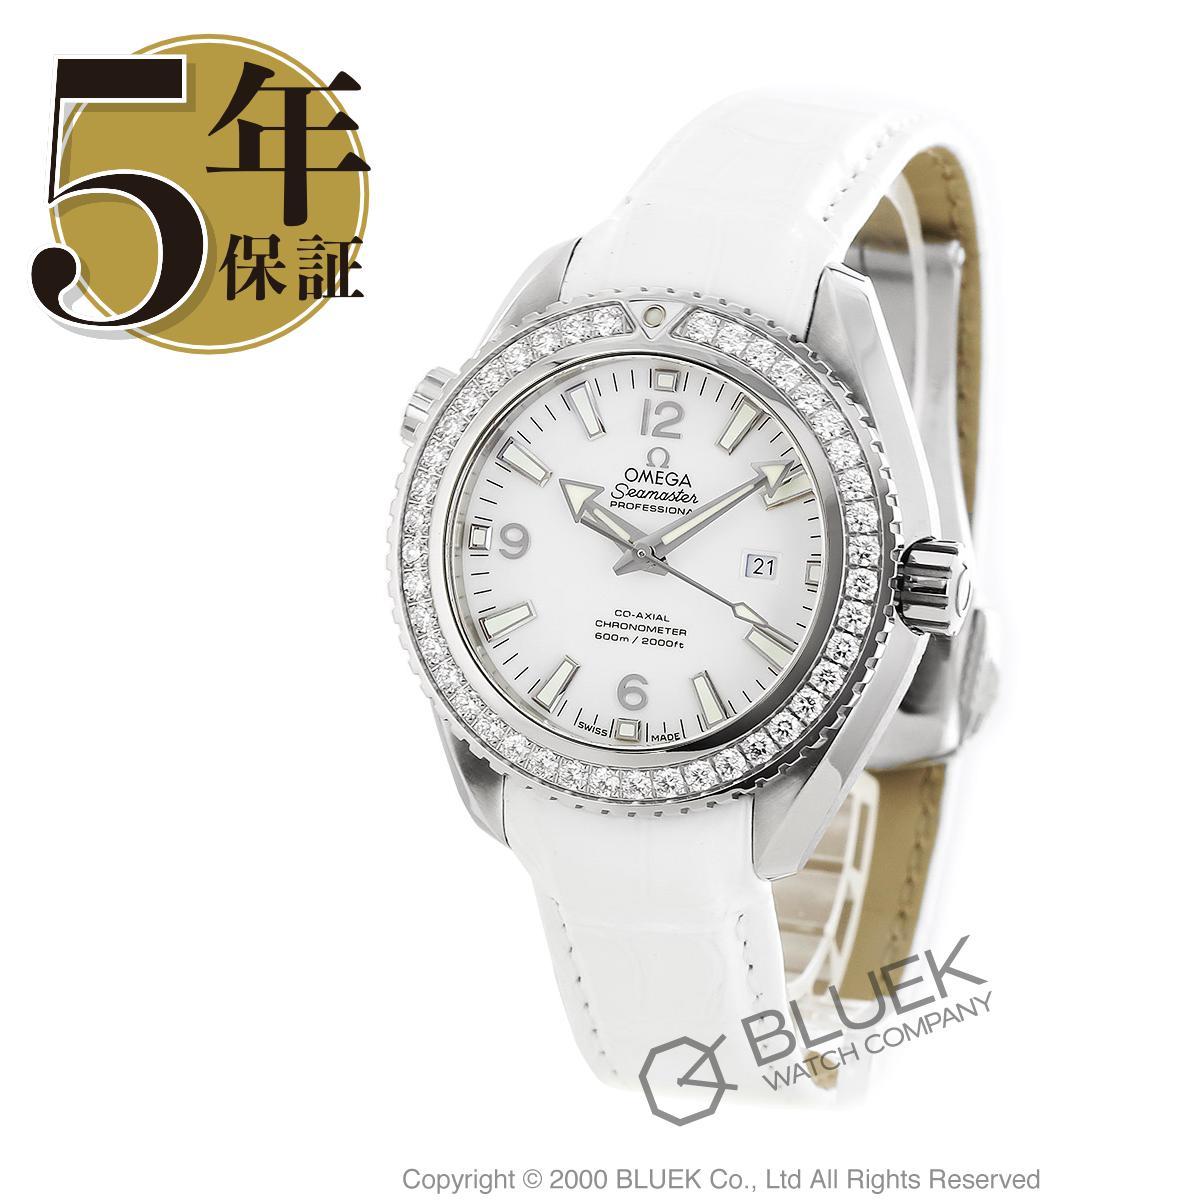 オメガ シーマスター プラネットオーシャン 600m防水 ダイヤ アリゲーターレザー 腕時計 ユニセックス OMEGA 232.18.38.20.04.001_5